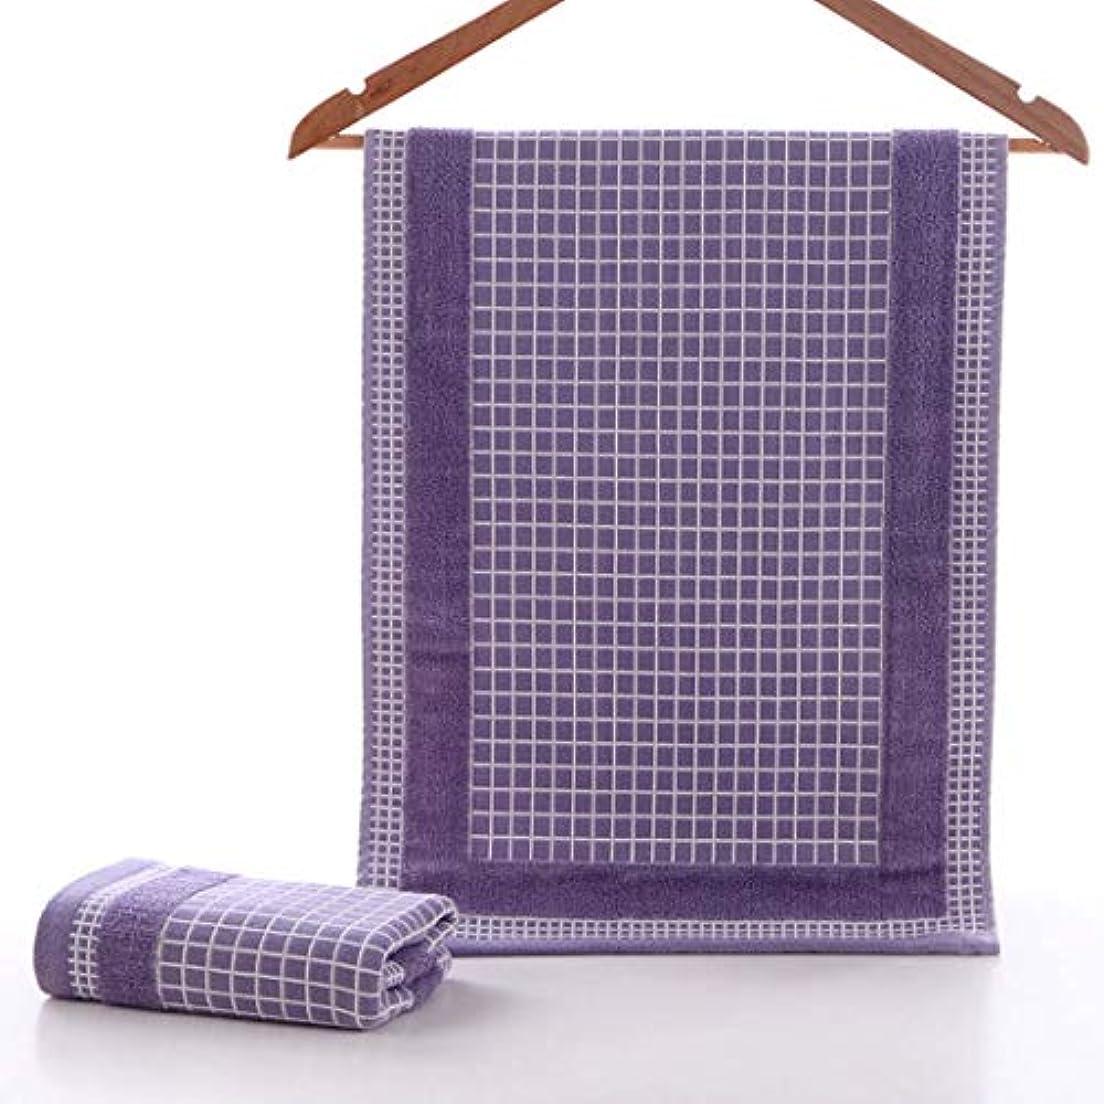 現代の要旨儀式スーパーソフトコットンタオルコットンフェイスタオル吸収性フェイスタオル,Purple,34*75